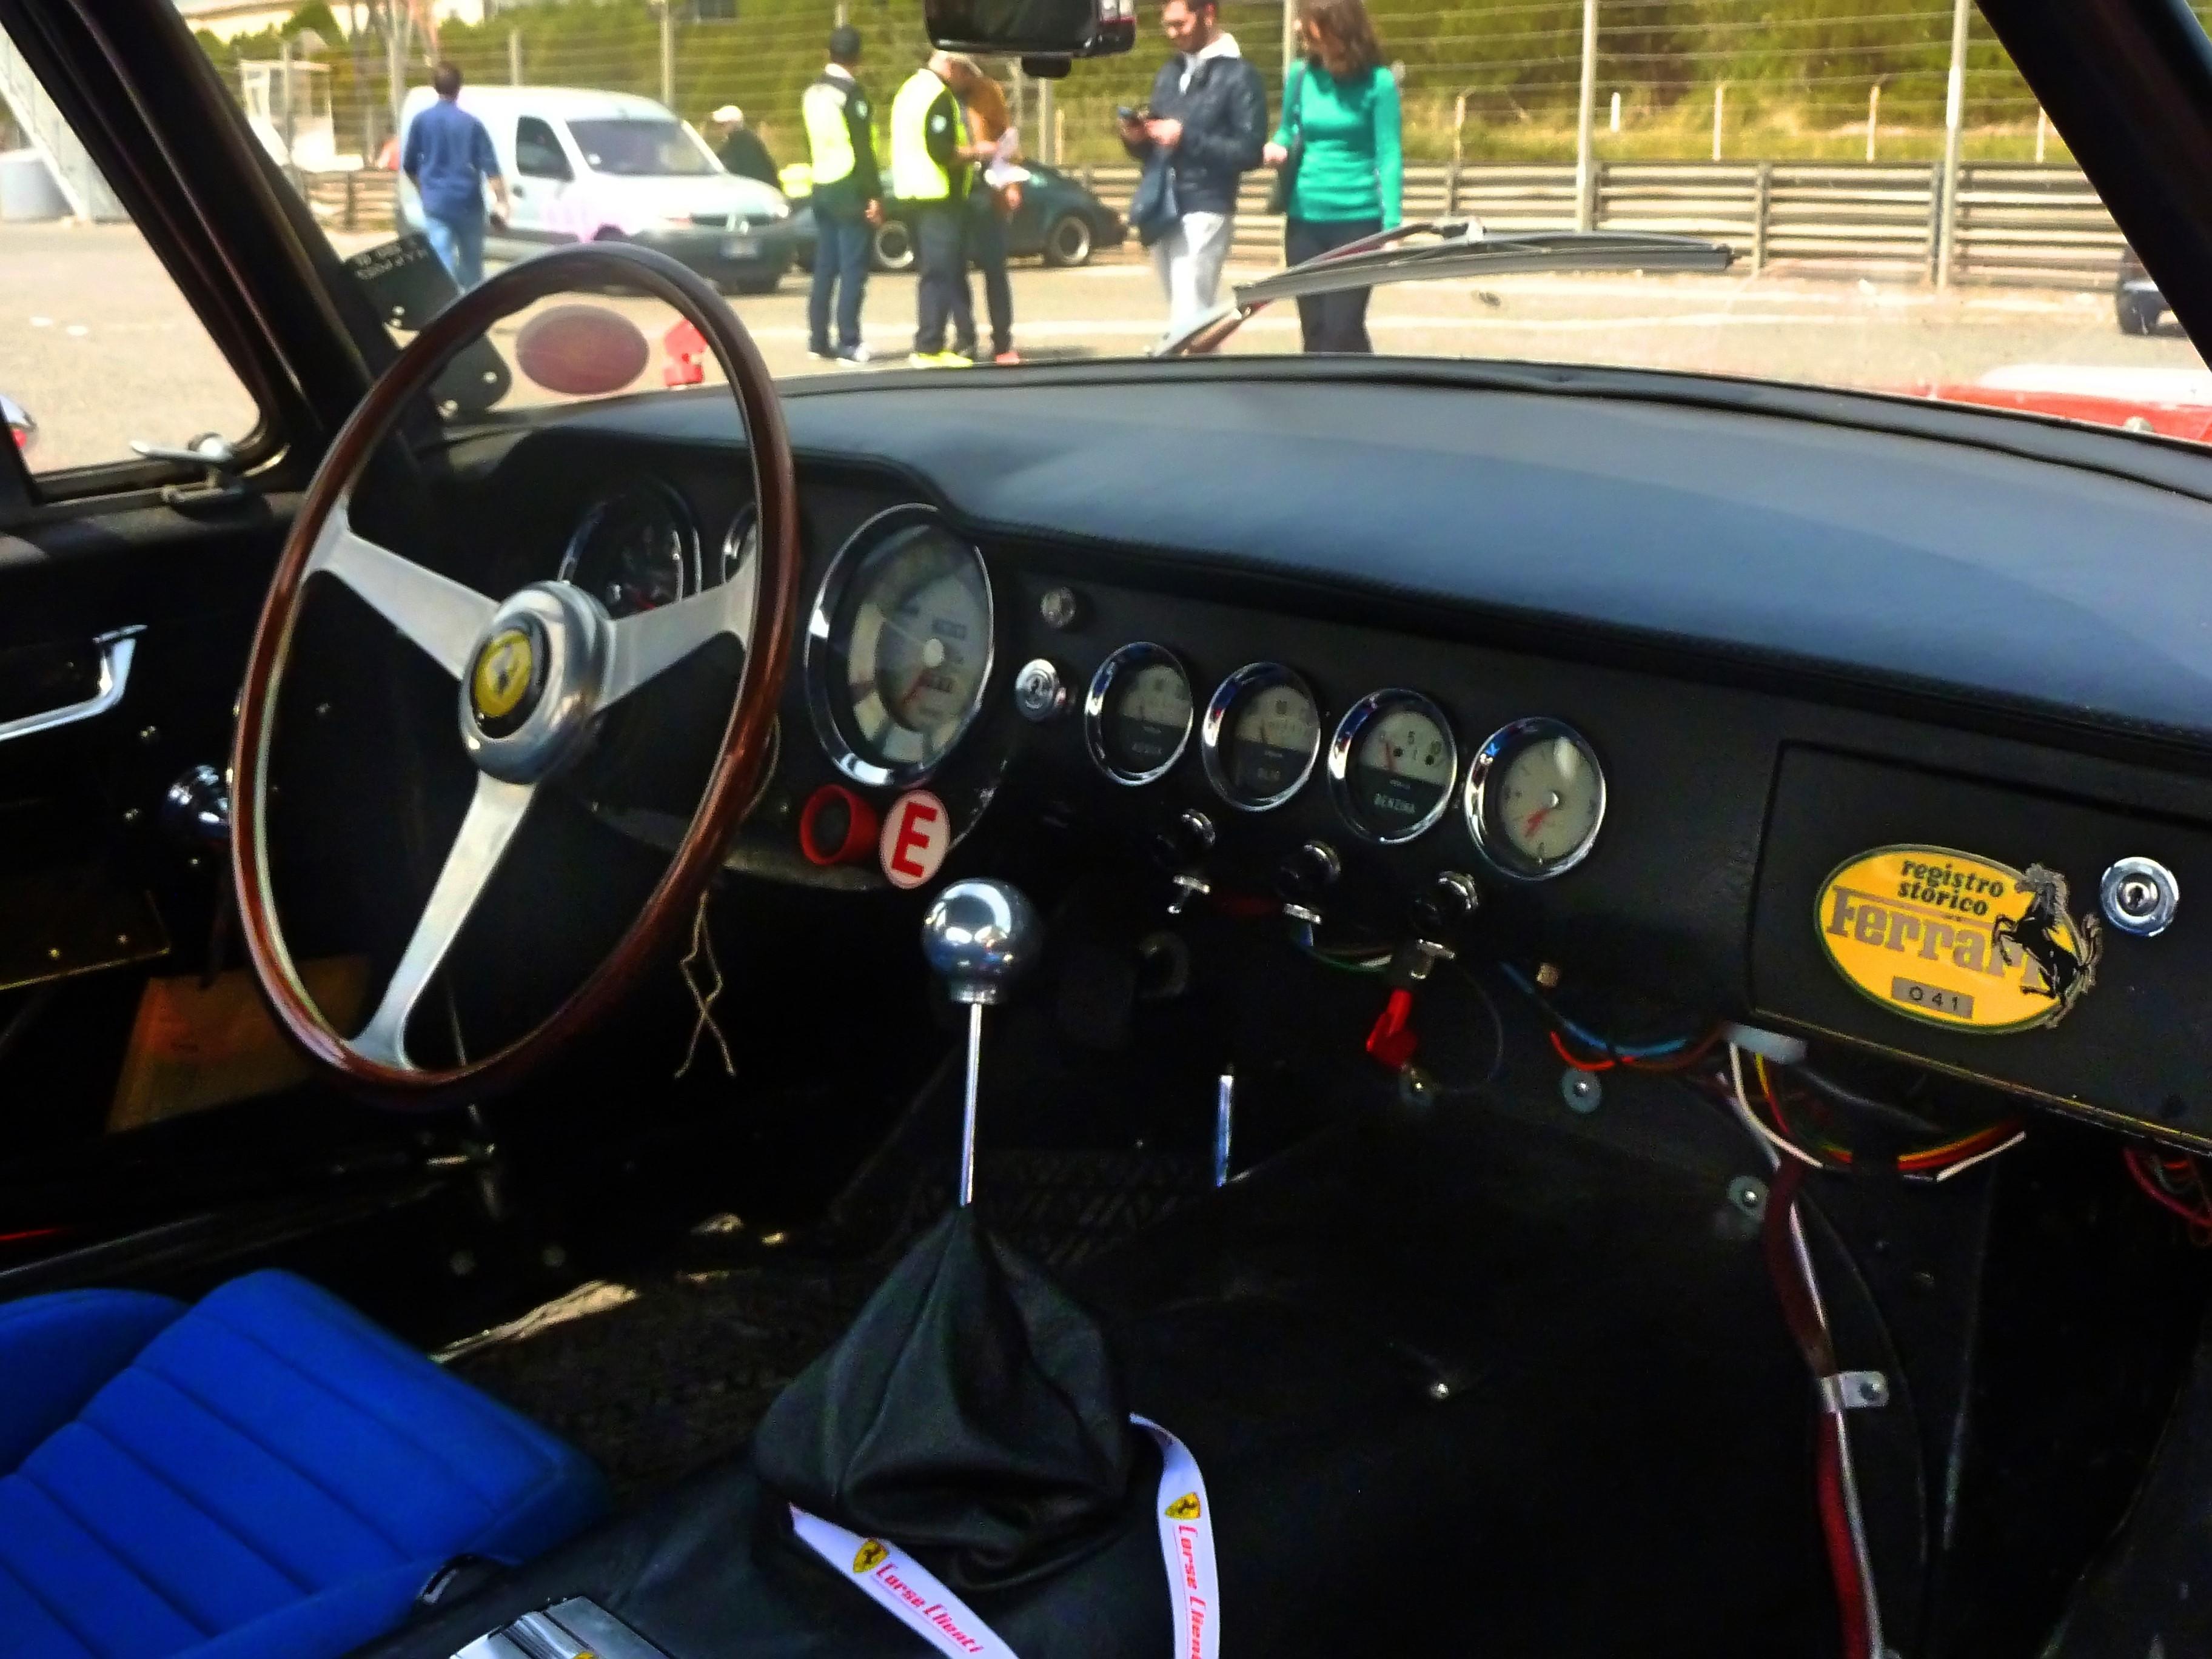 1961 Ferrari 250 GT SWB #2701 (34)_filtered